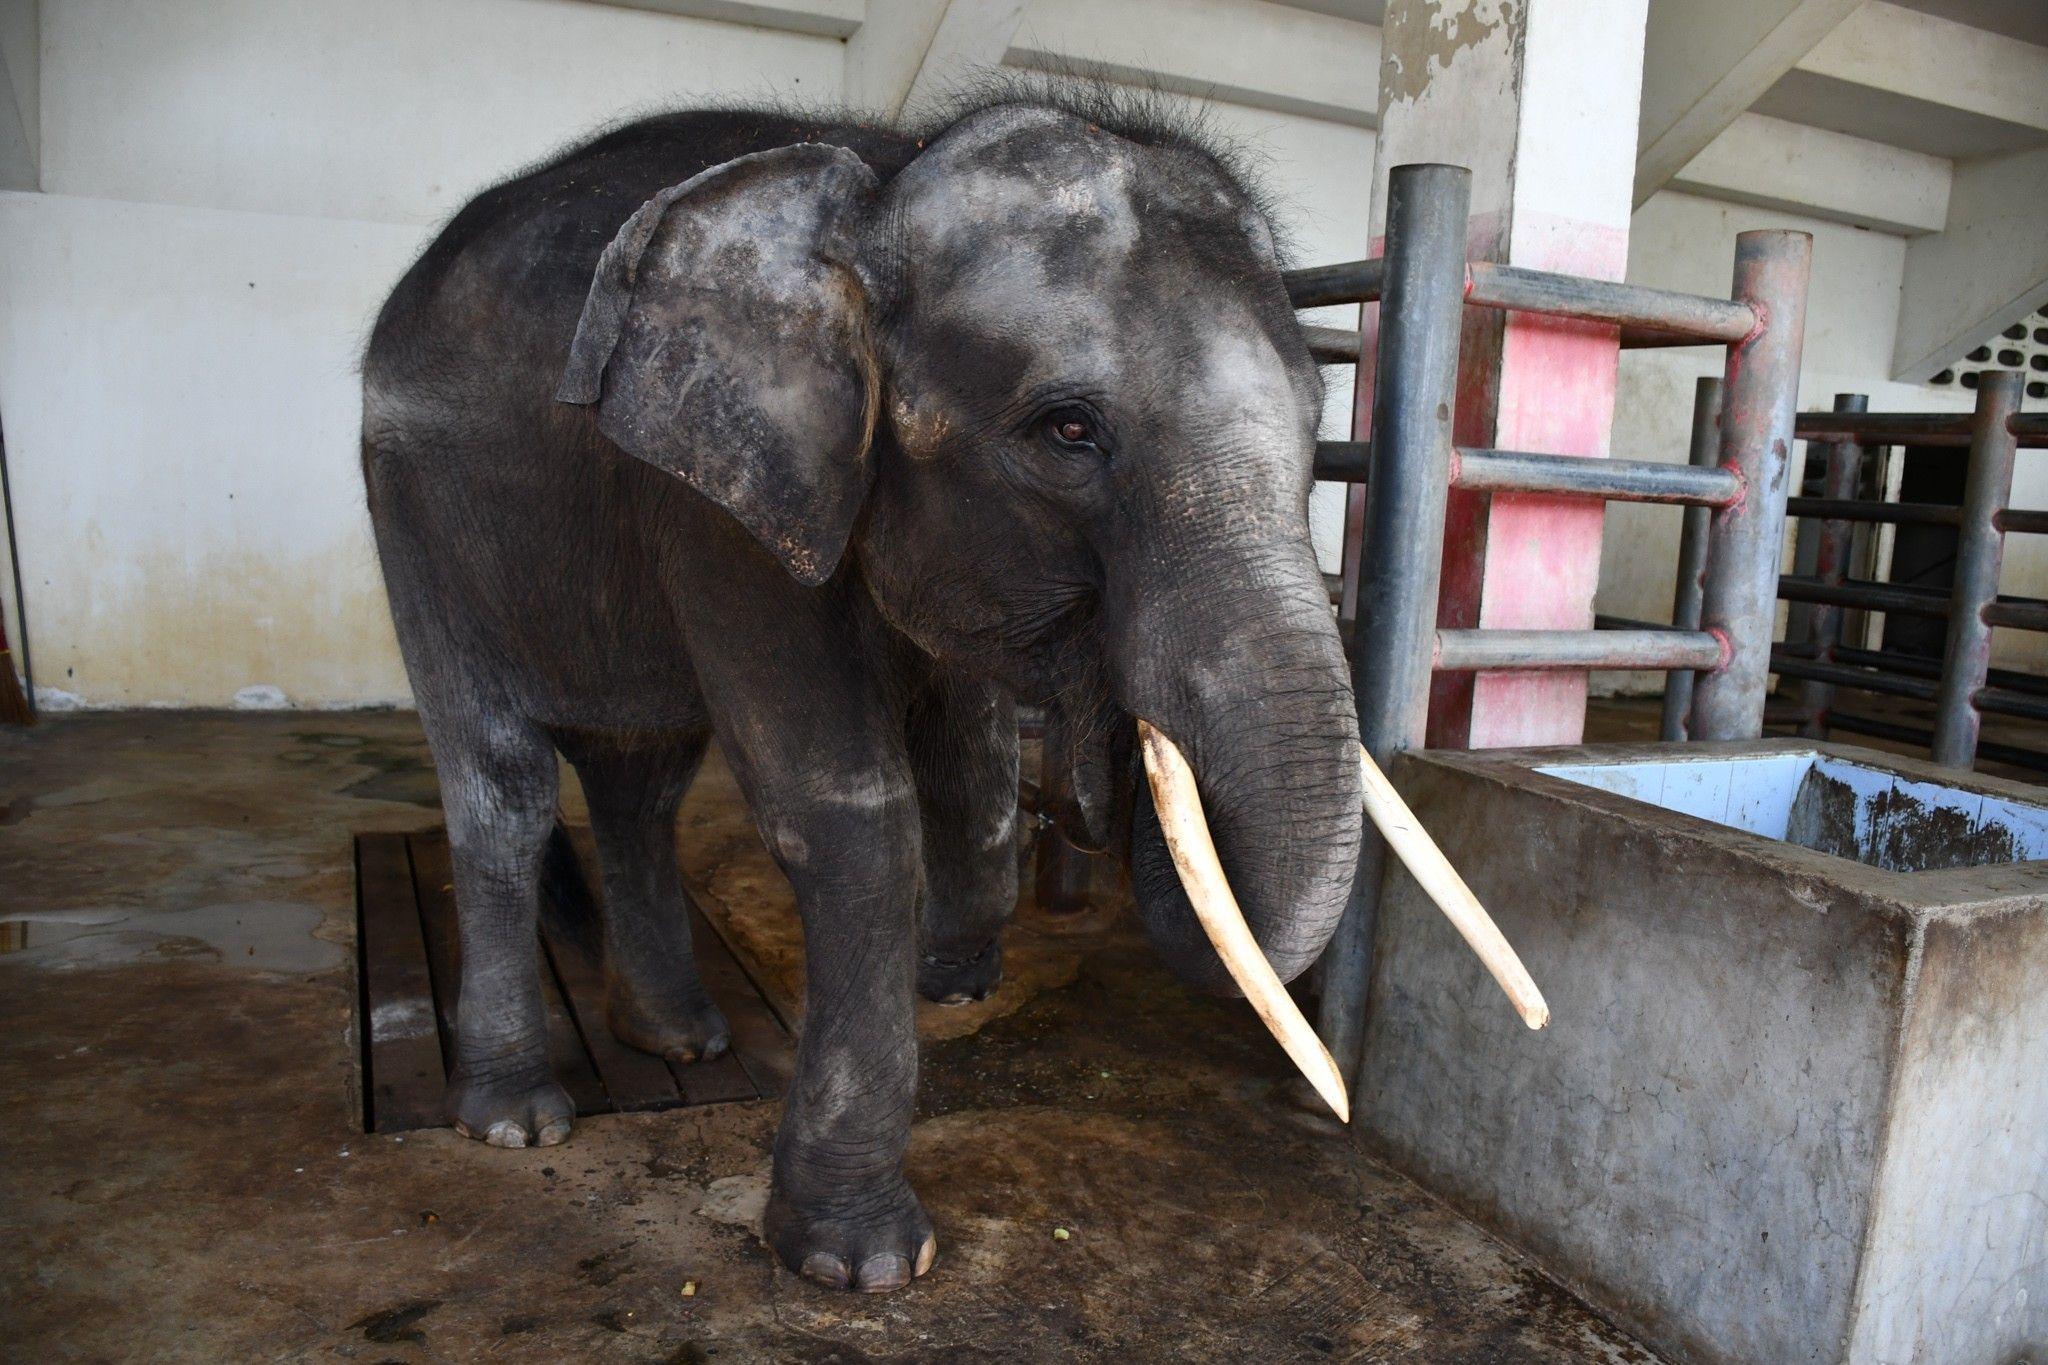 Le calvaire de cet éléphant a déclenché une vague d'indignation internationale | National Geographic